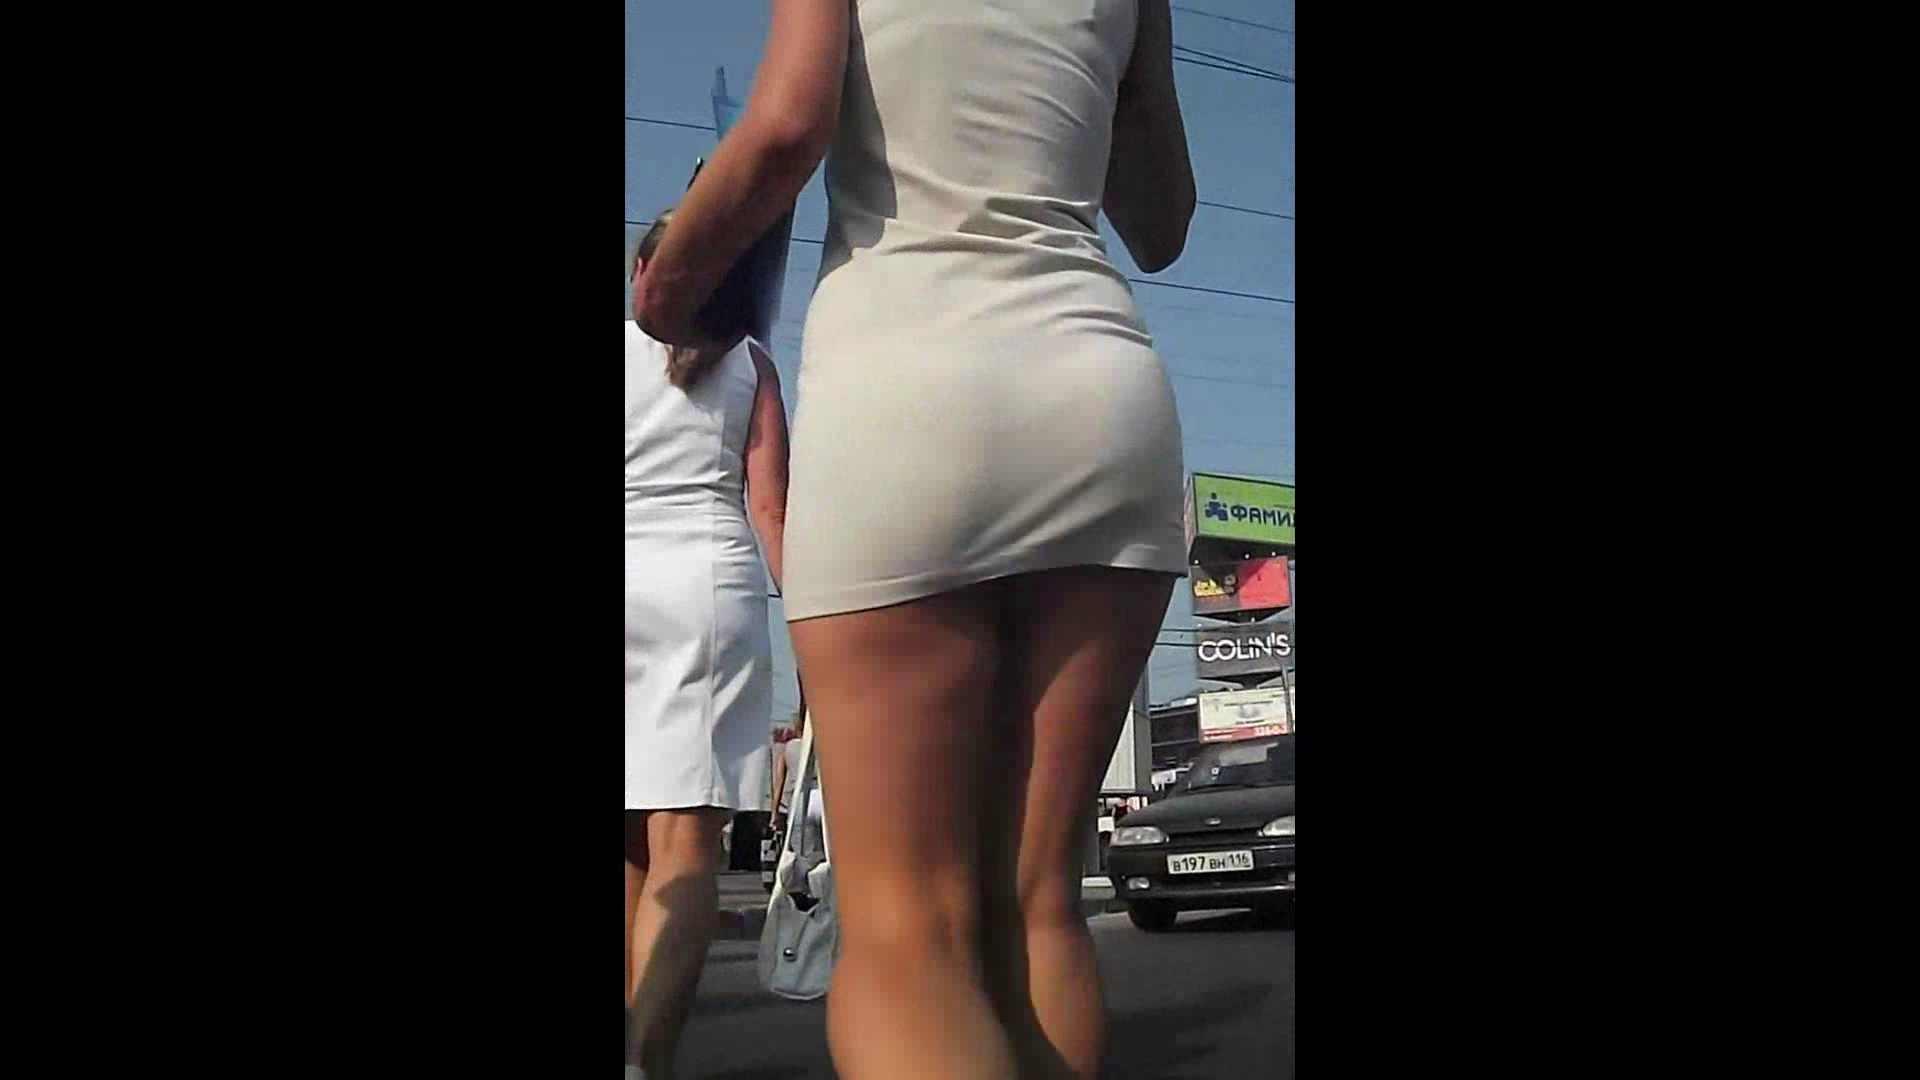 綺麗なモデルさんのスカート捲っちゃおう‼vol05 超エロモデル  98枚 3